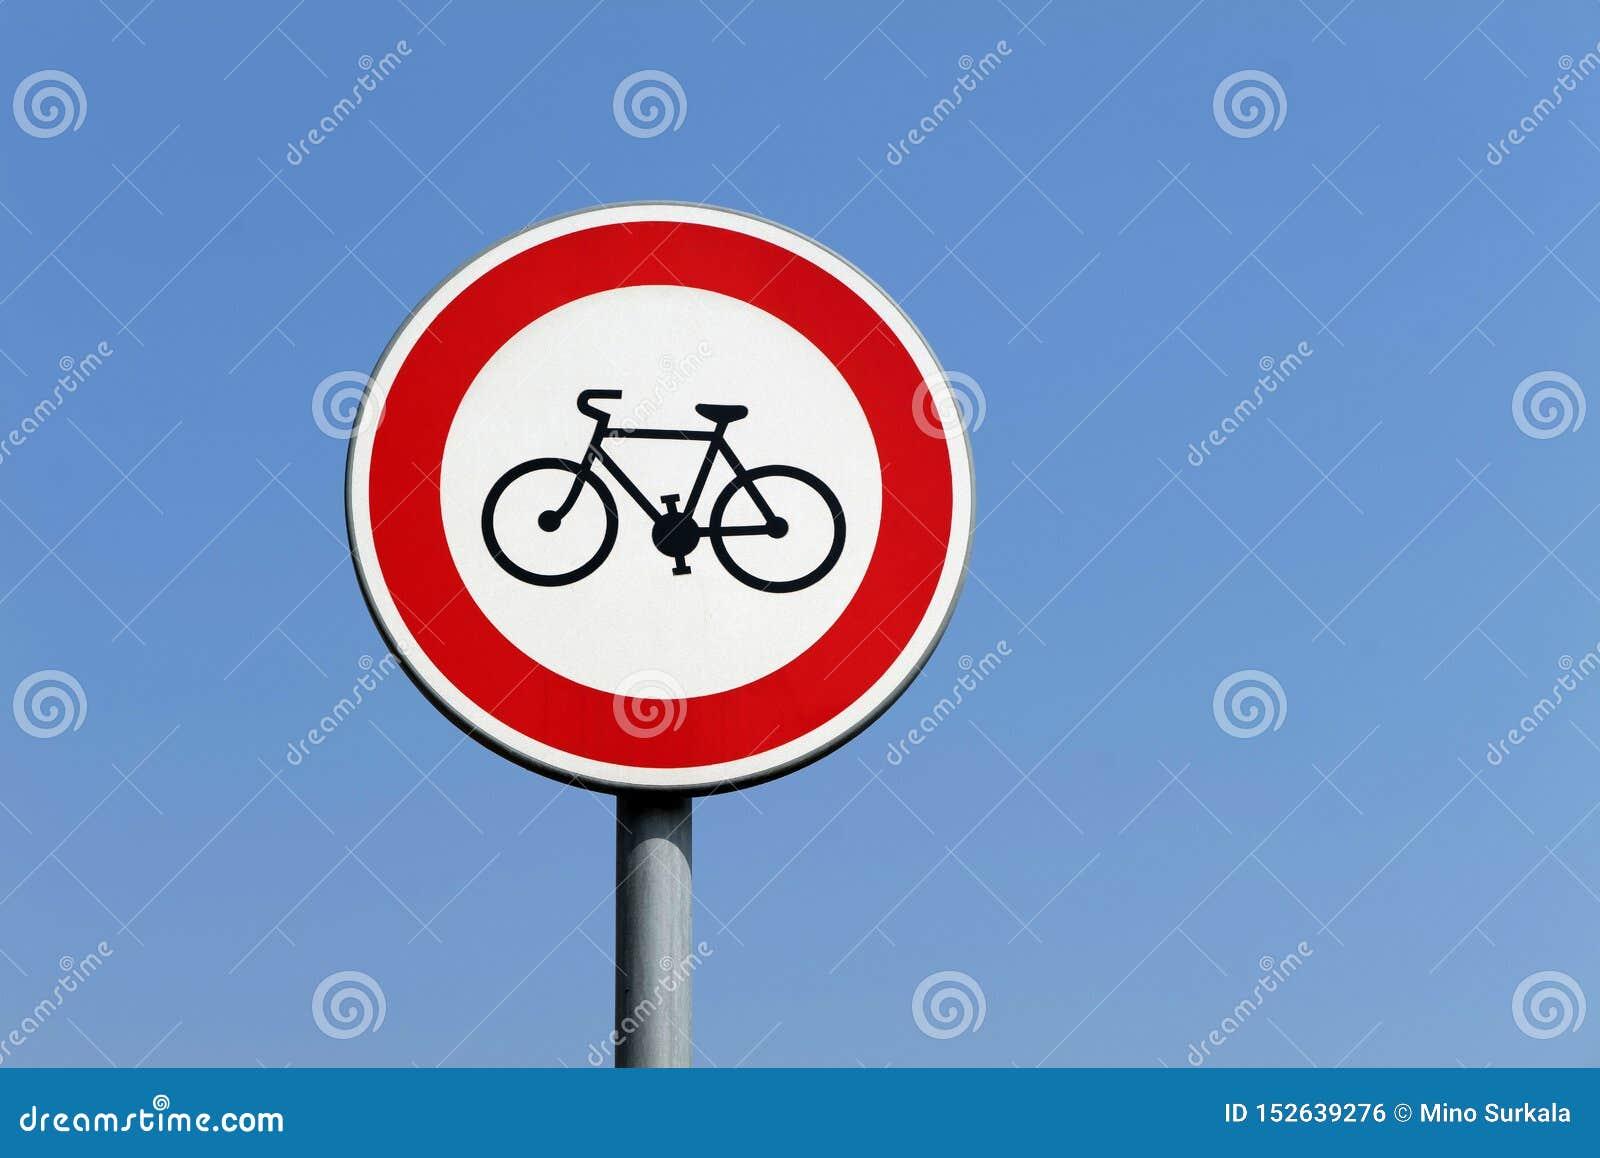 Het rode ronde teken die de ingang van fietsers belemmeren